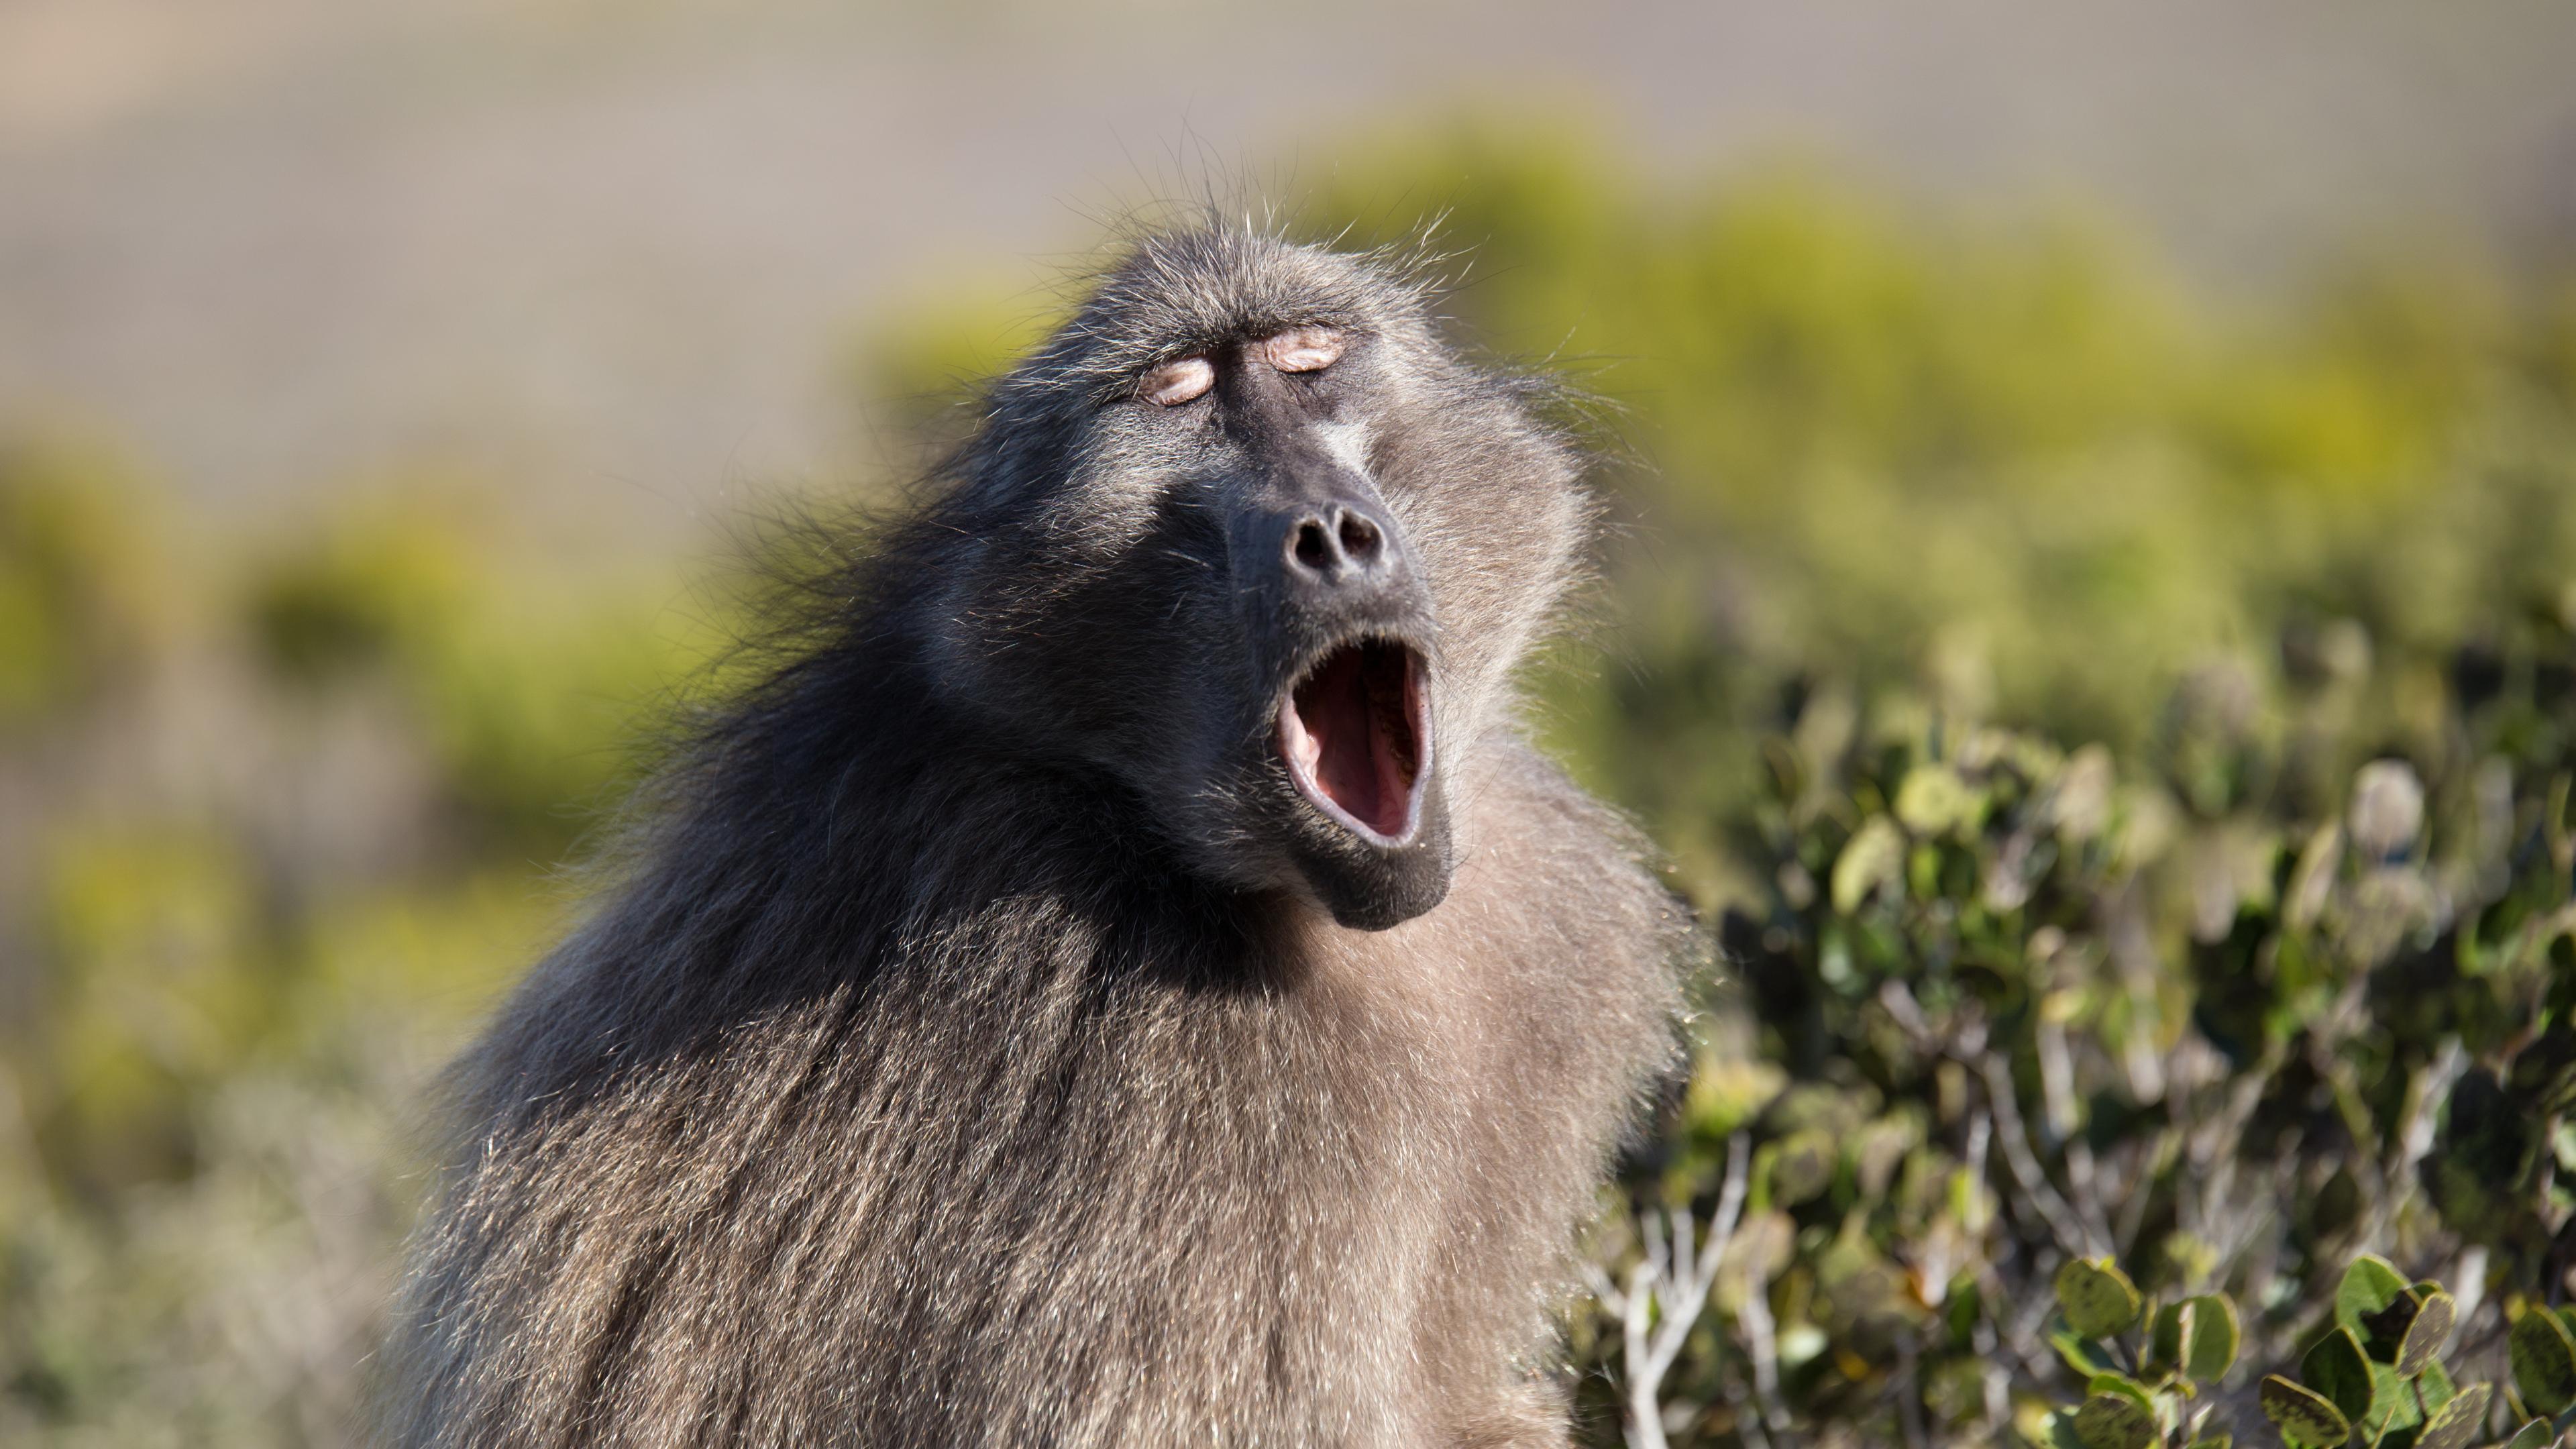 Расти, гортань! Почему у приматов такой крупный голосовой аппарат?